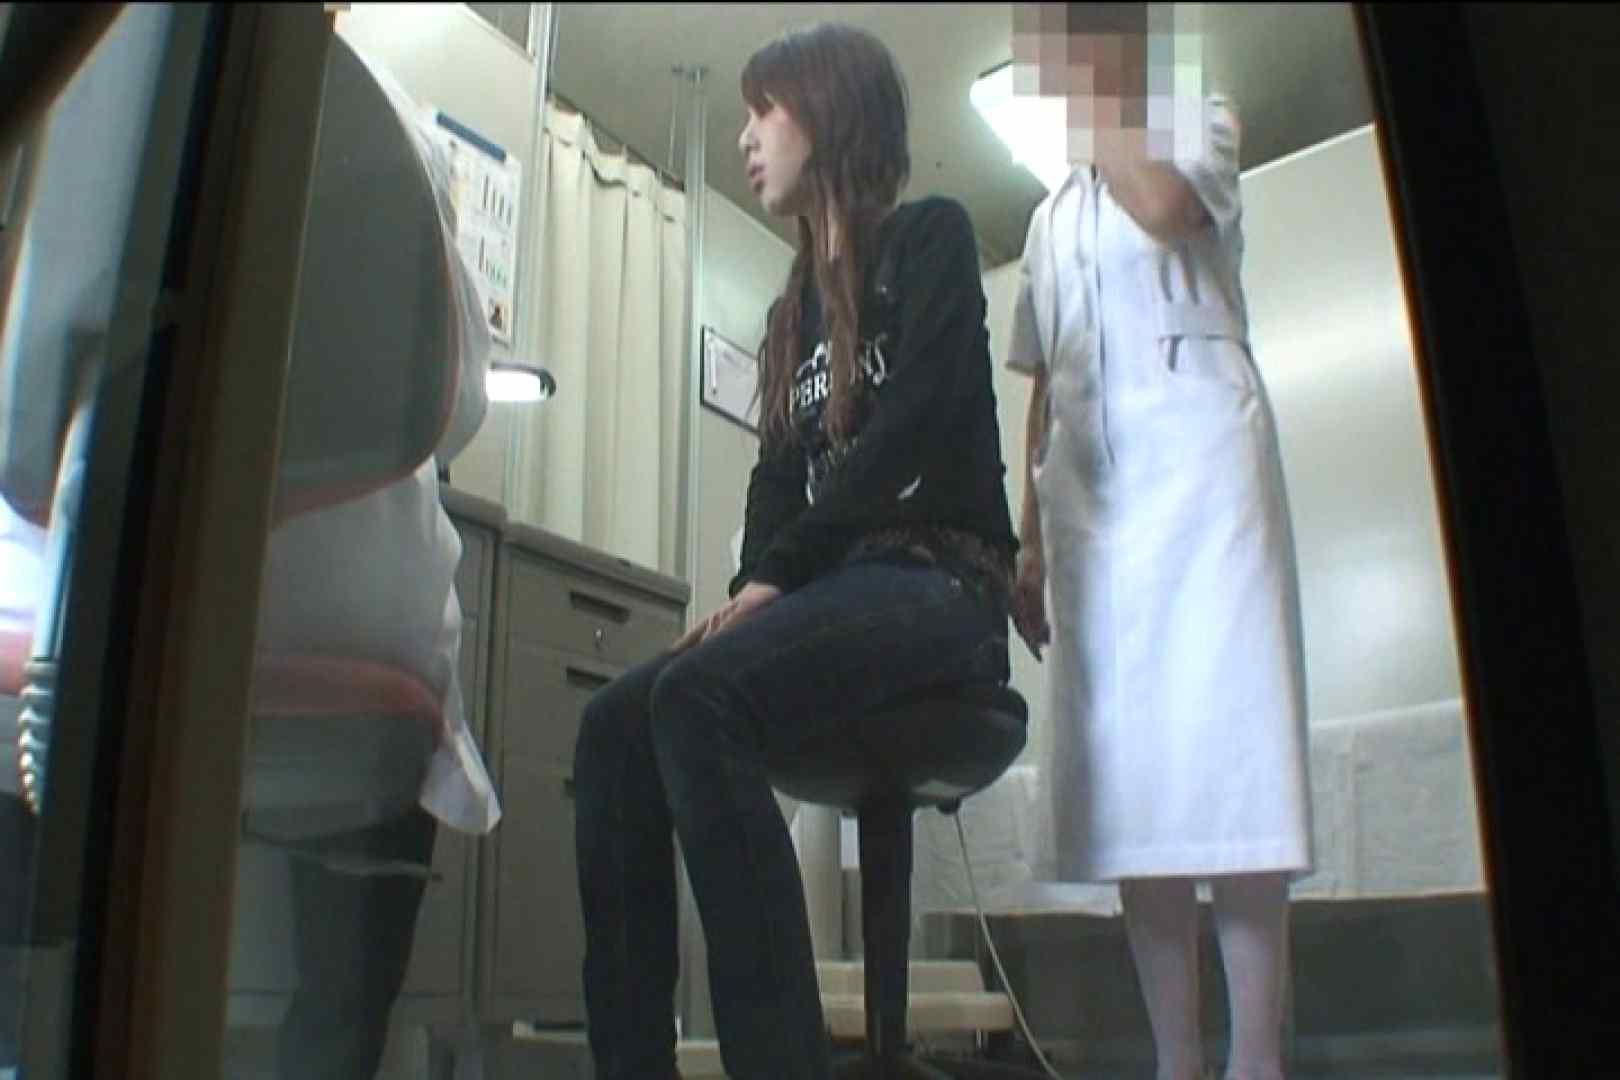 患者のおまんこをコレクションする変態医師の流出映像Vol.3 マンコ | おまんこ無修正  83pic 58